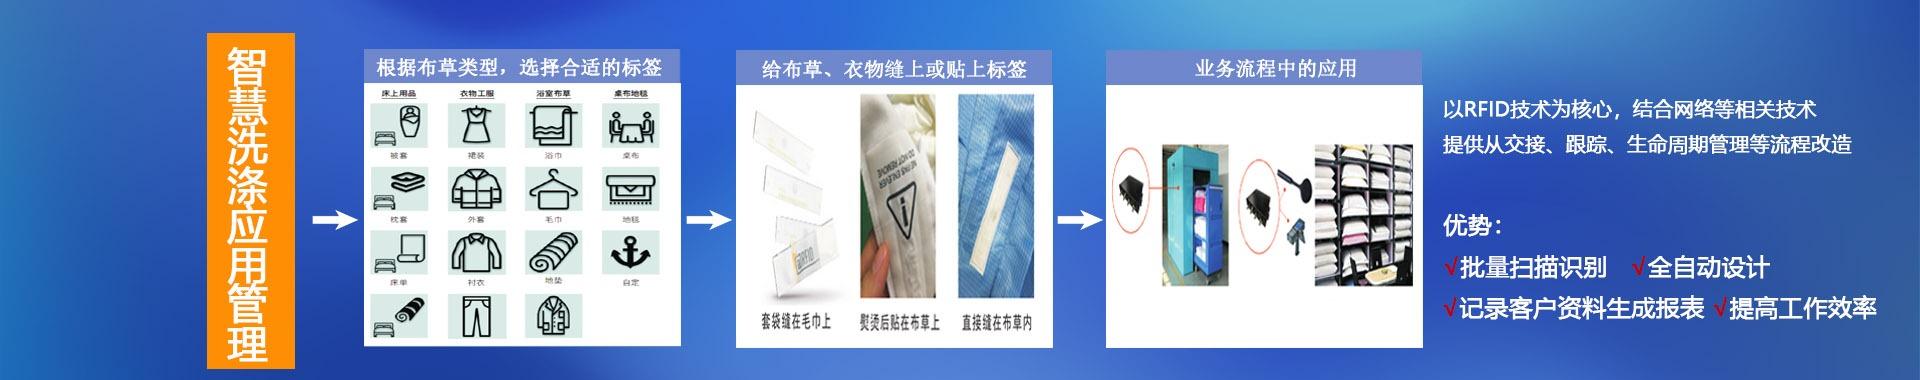 RFID2仓储管理